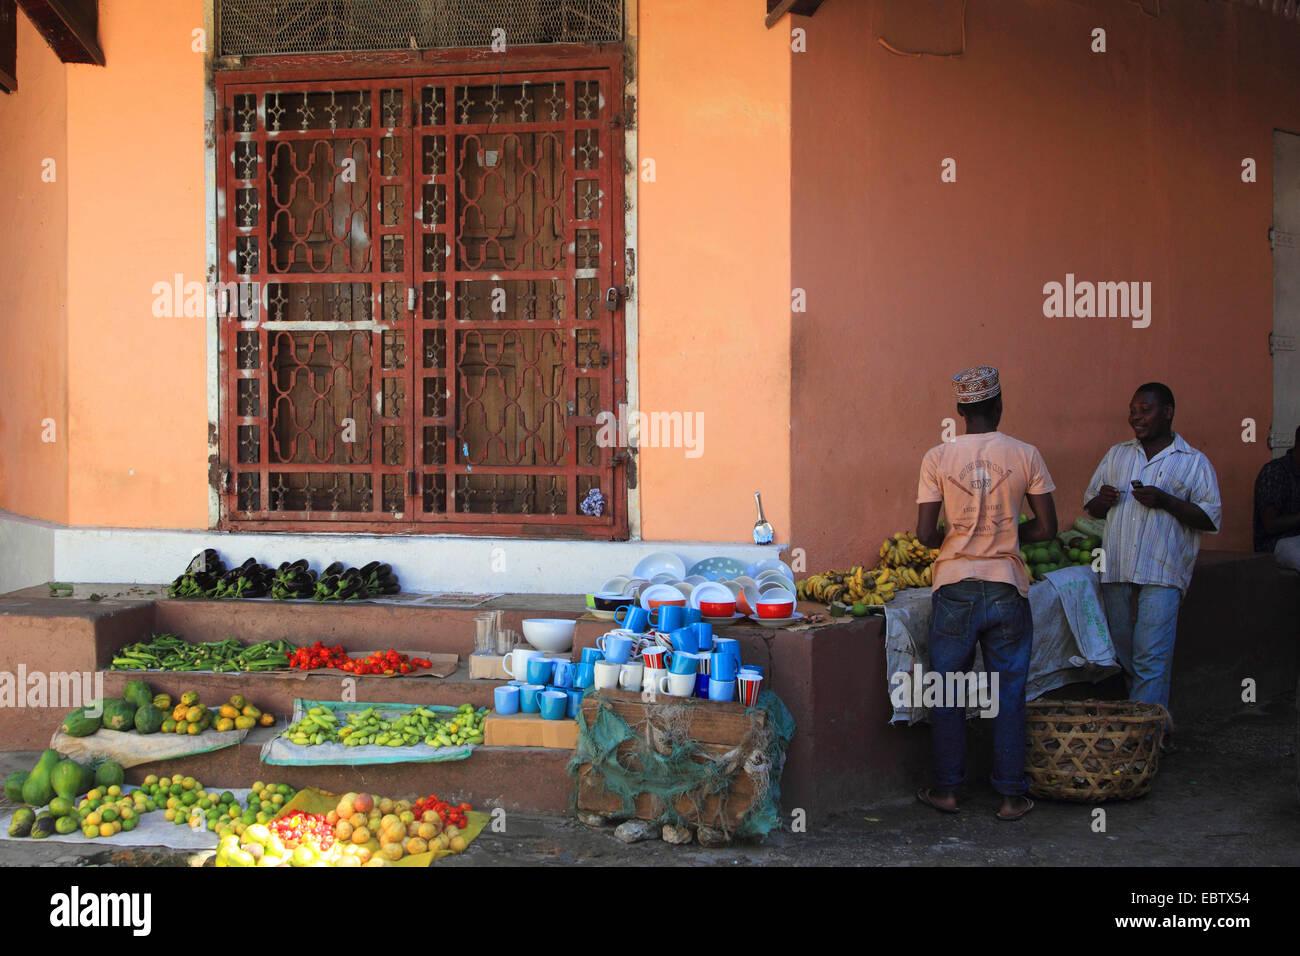 dunkelhäutige Männer Verkauf von Gemüse auf Treppe, Tansania, Sansibar, Stone Town Stockbild